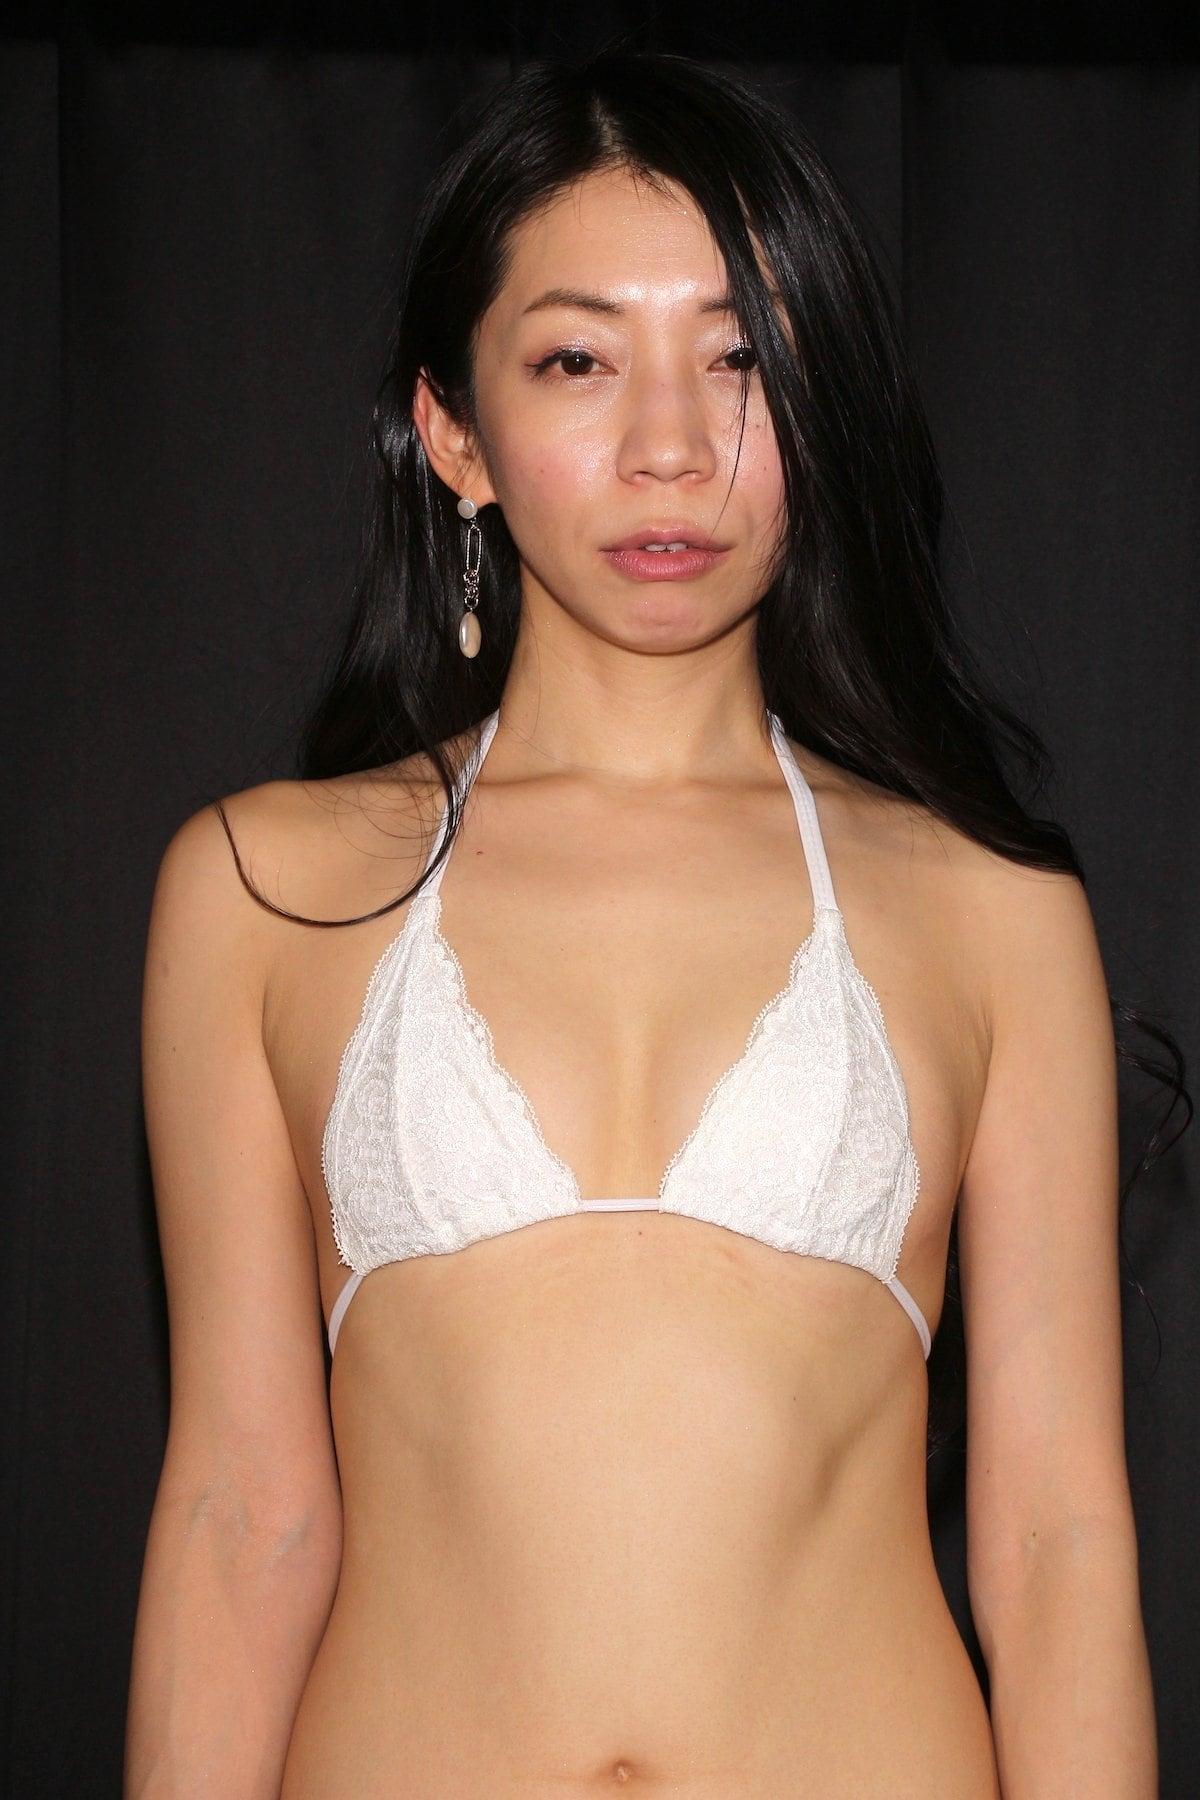 岩崎真奈「ベンチの縁にこすったり」私史上最高にセクシー【画像50枚】の画像014